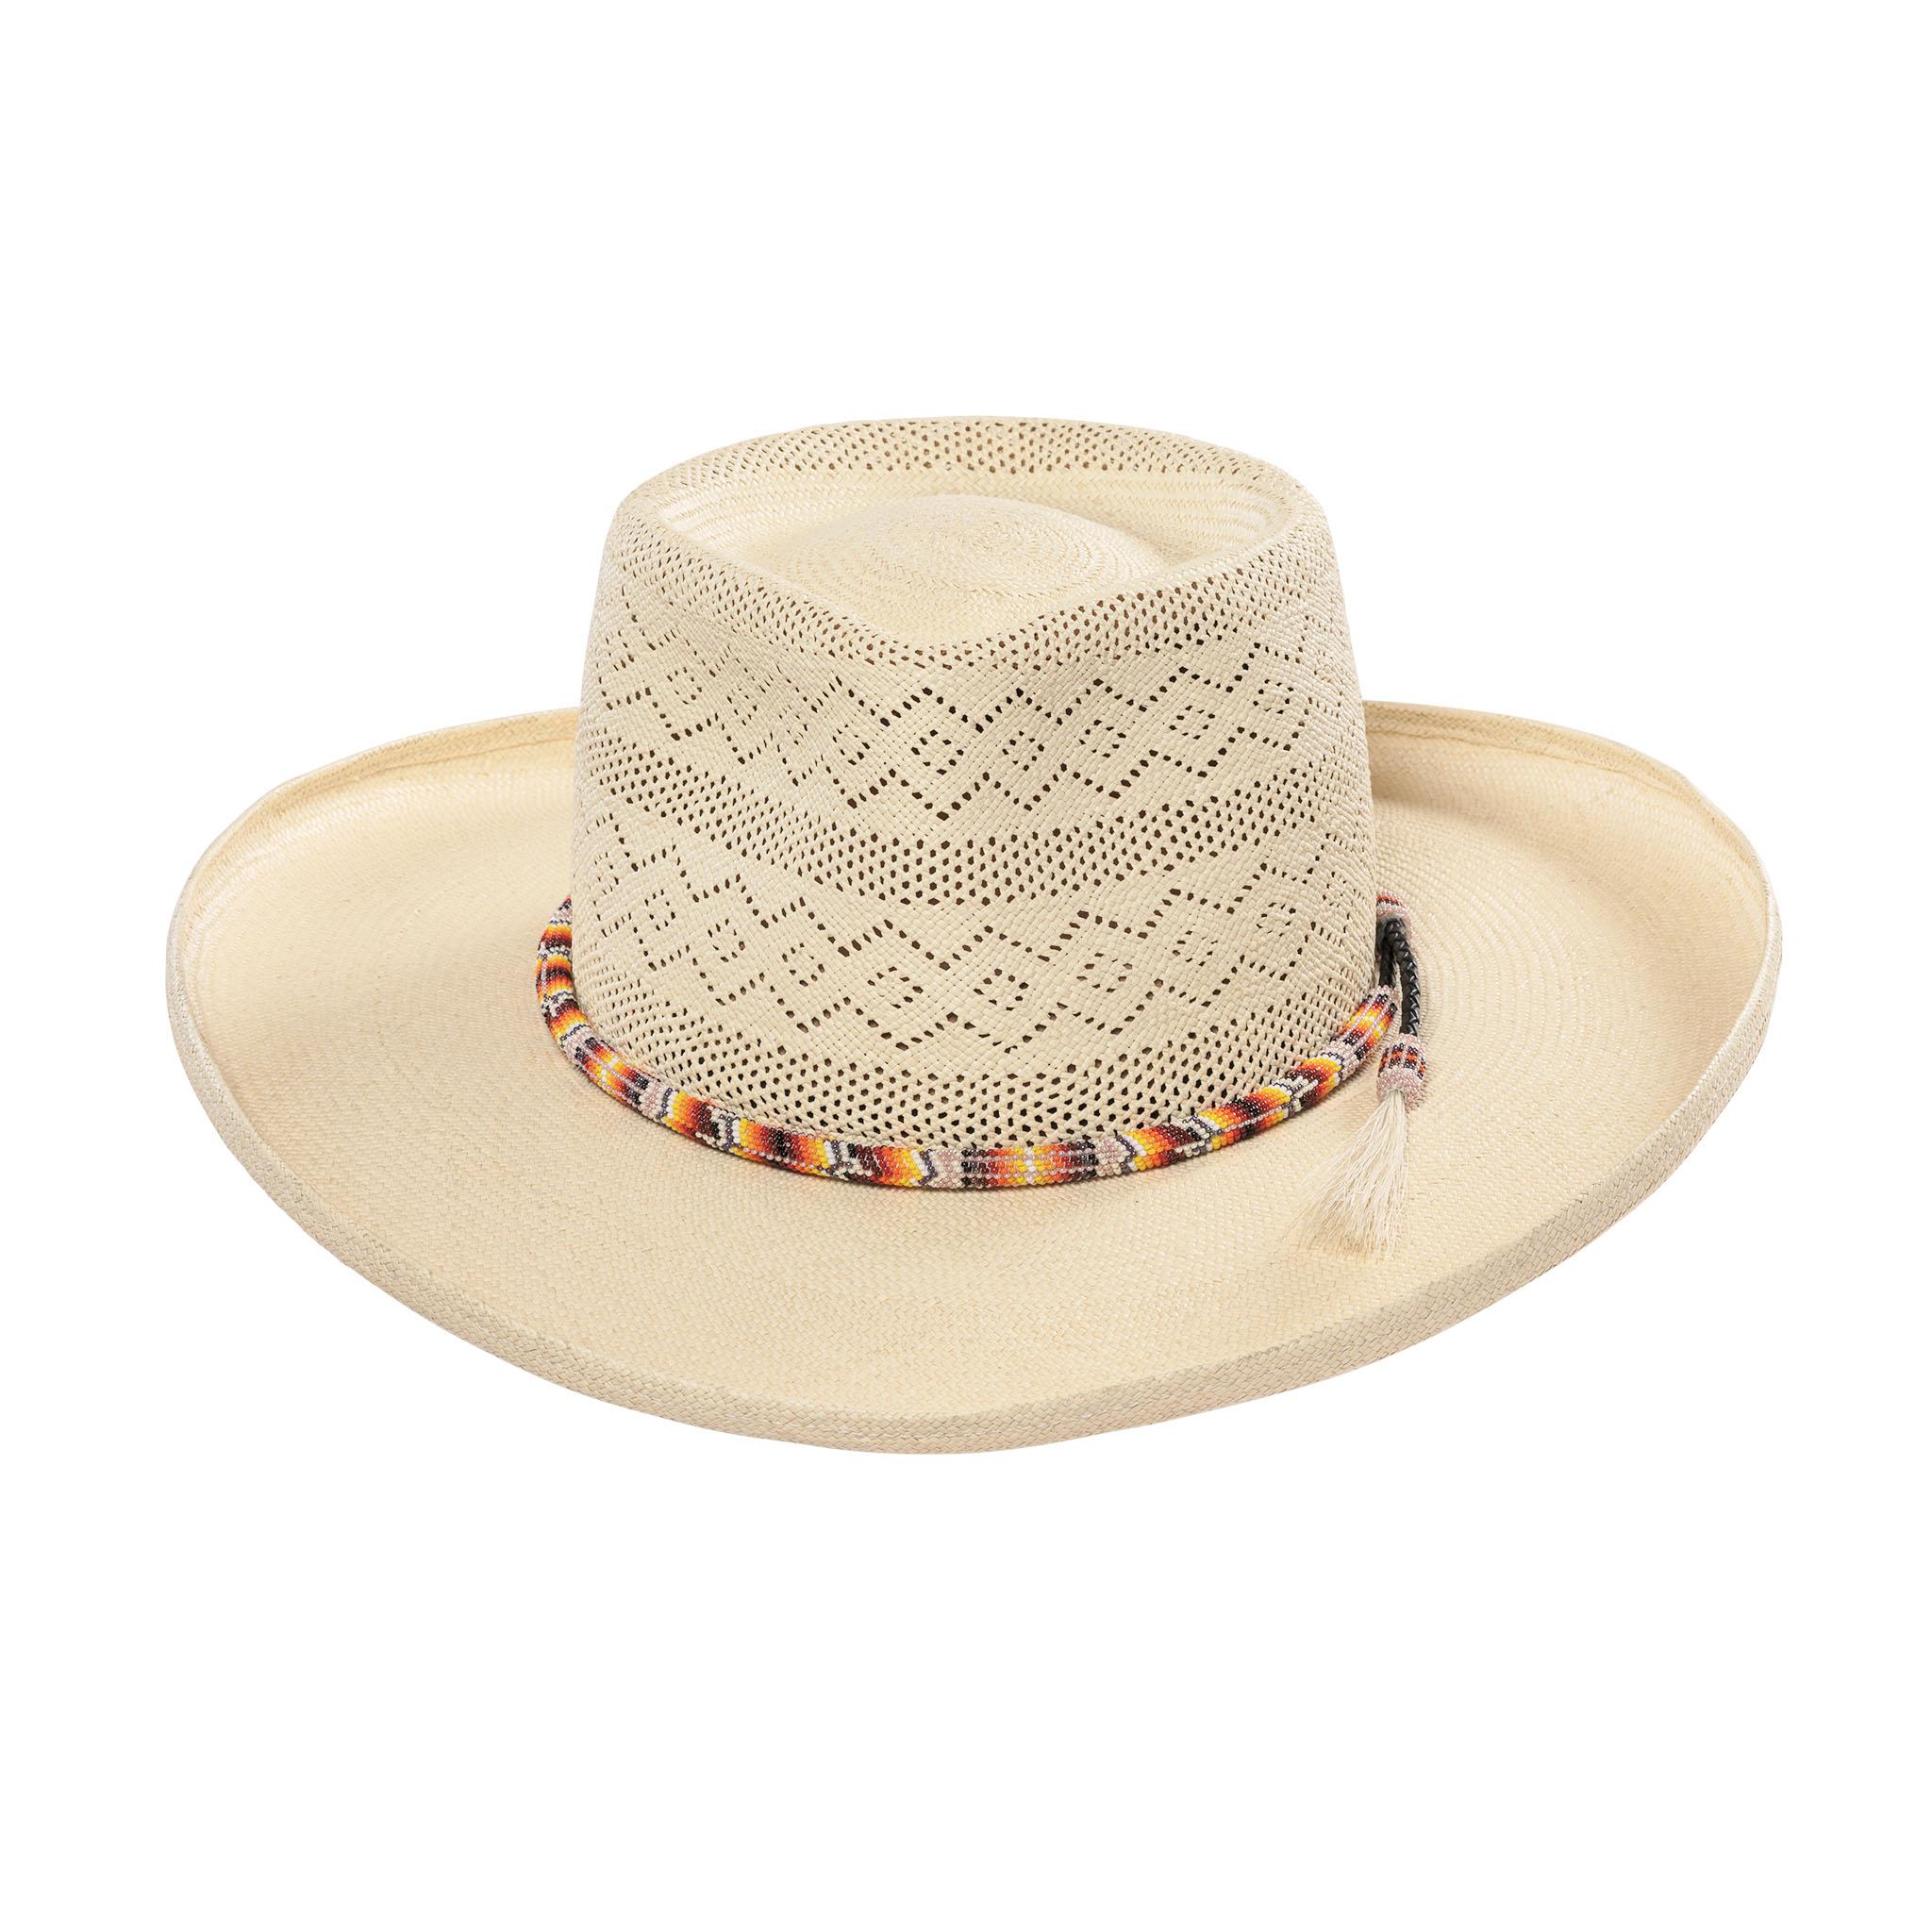 Cuenca Semi-Calado Gambler Panama Hat